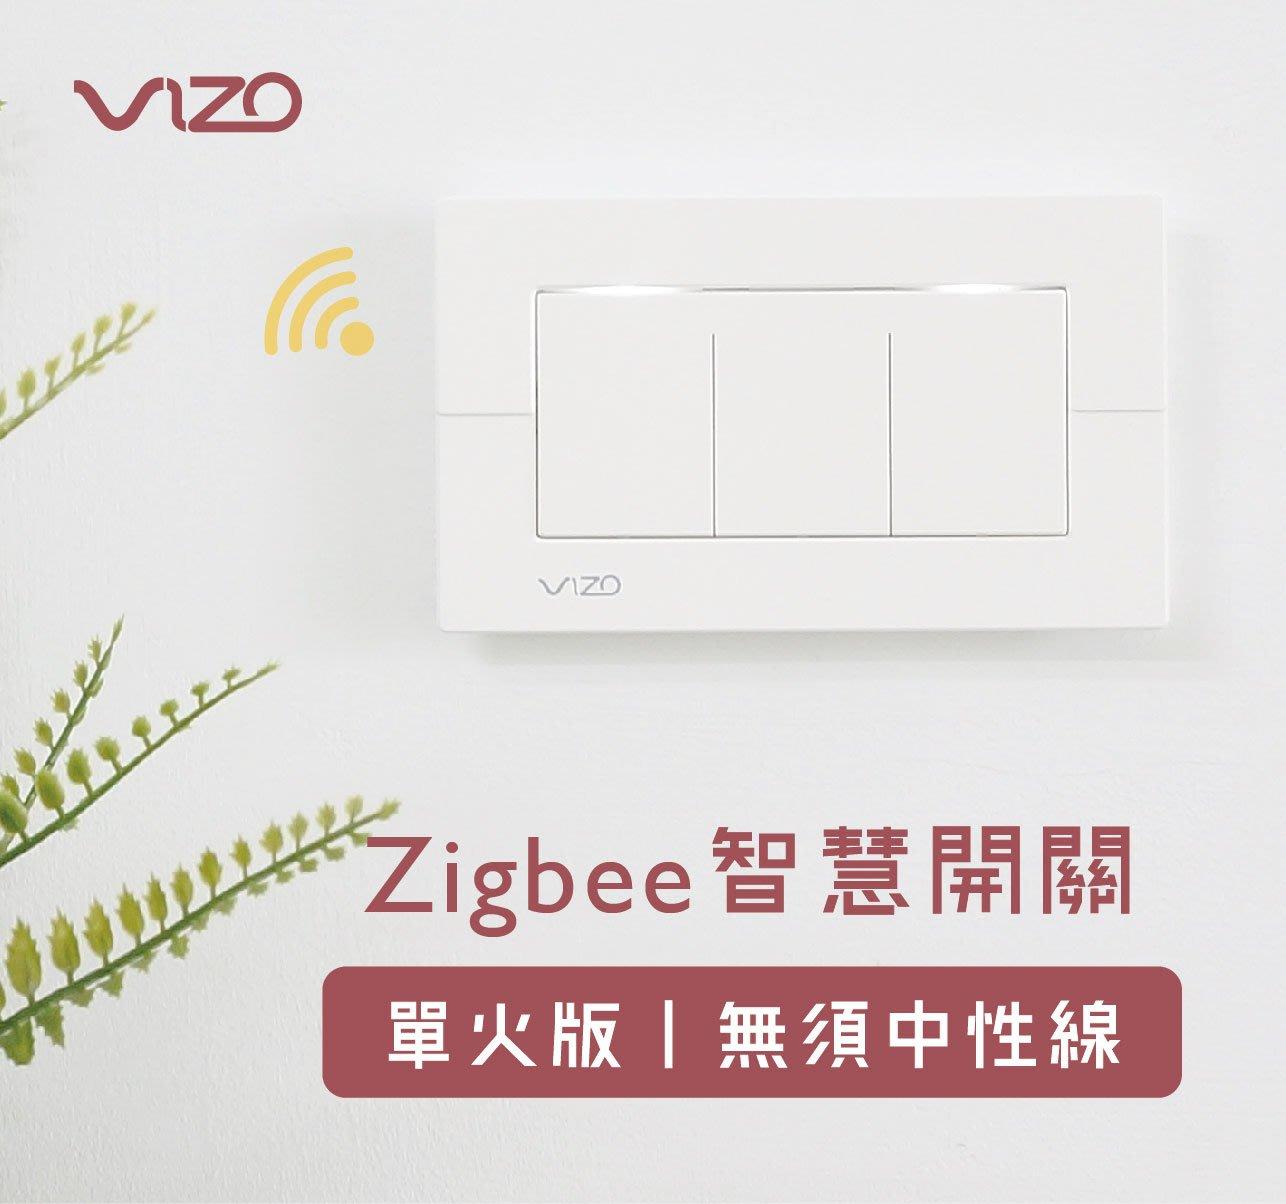 [三按鍵開關]時尚白 VIZO Zigbee單火線版智慧開關 可與傳統開關三路雙控 遠端定時 聲控siri google